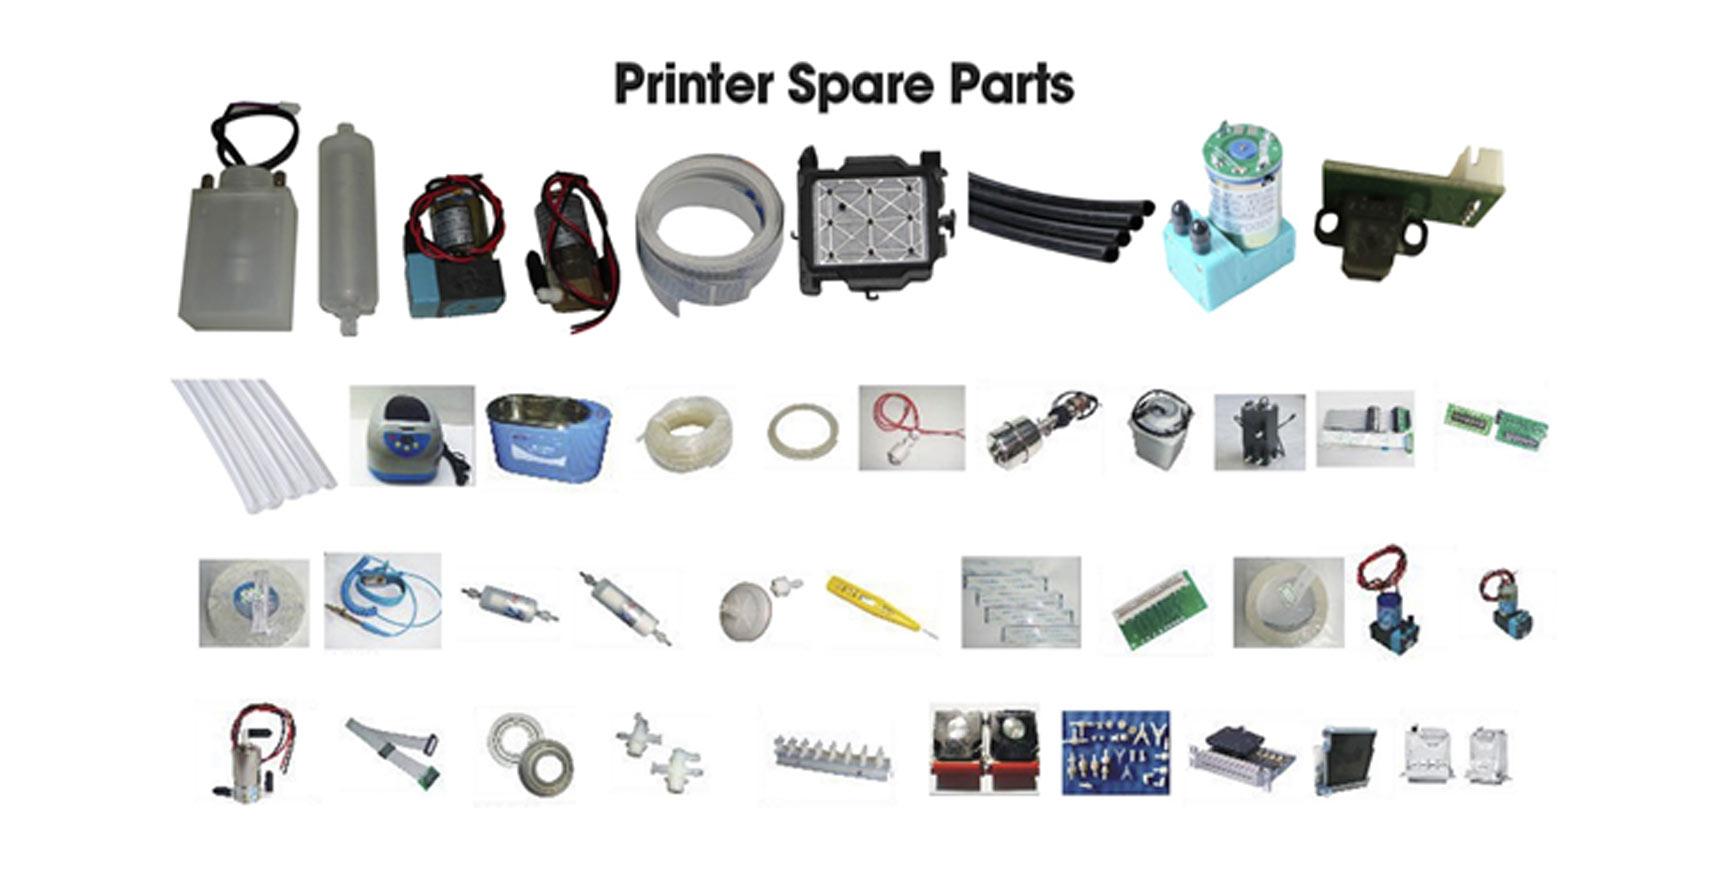 Printers Spare Parts